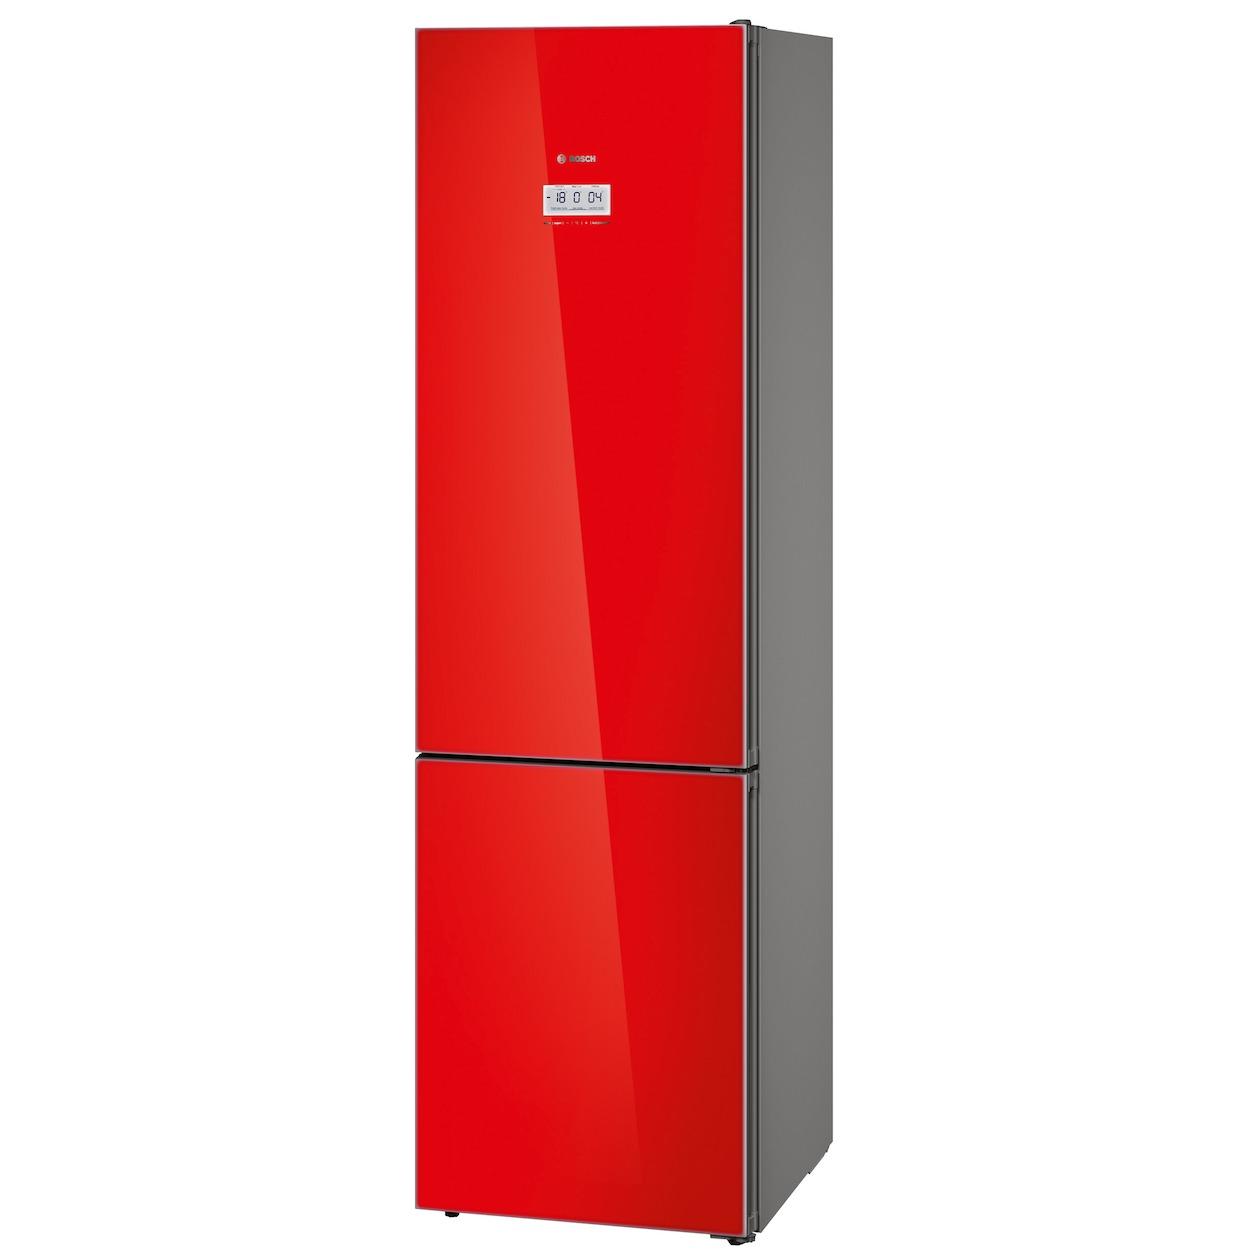 Bosch koelkast met vriesvak KGF39SR45 - Prijsvergelijk